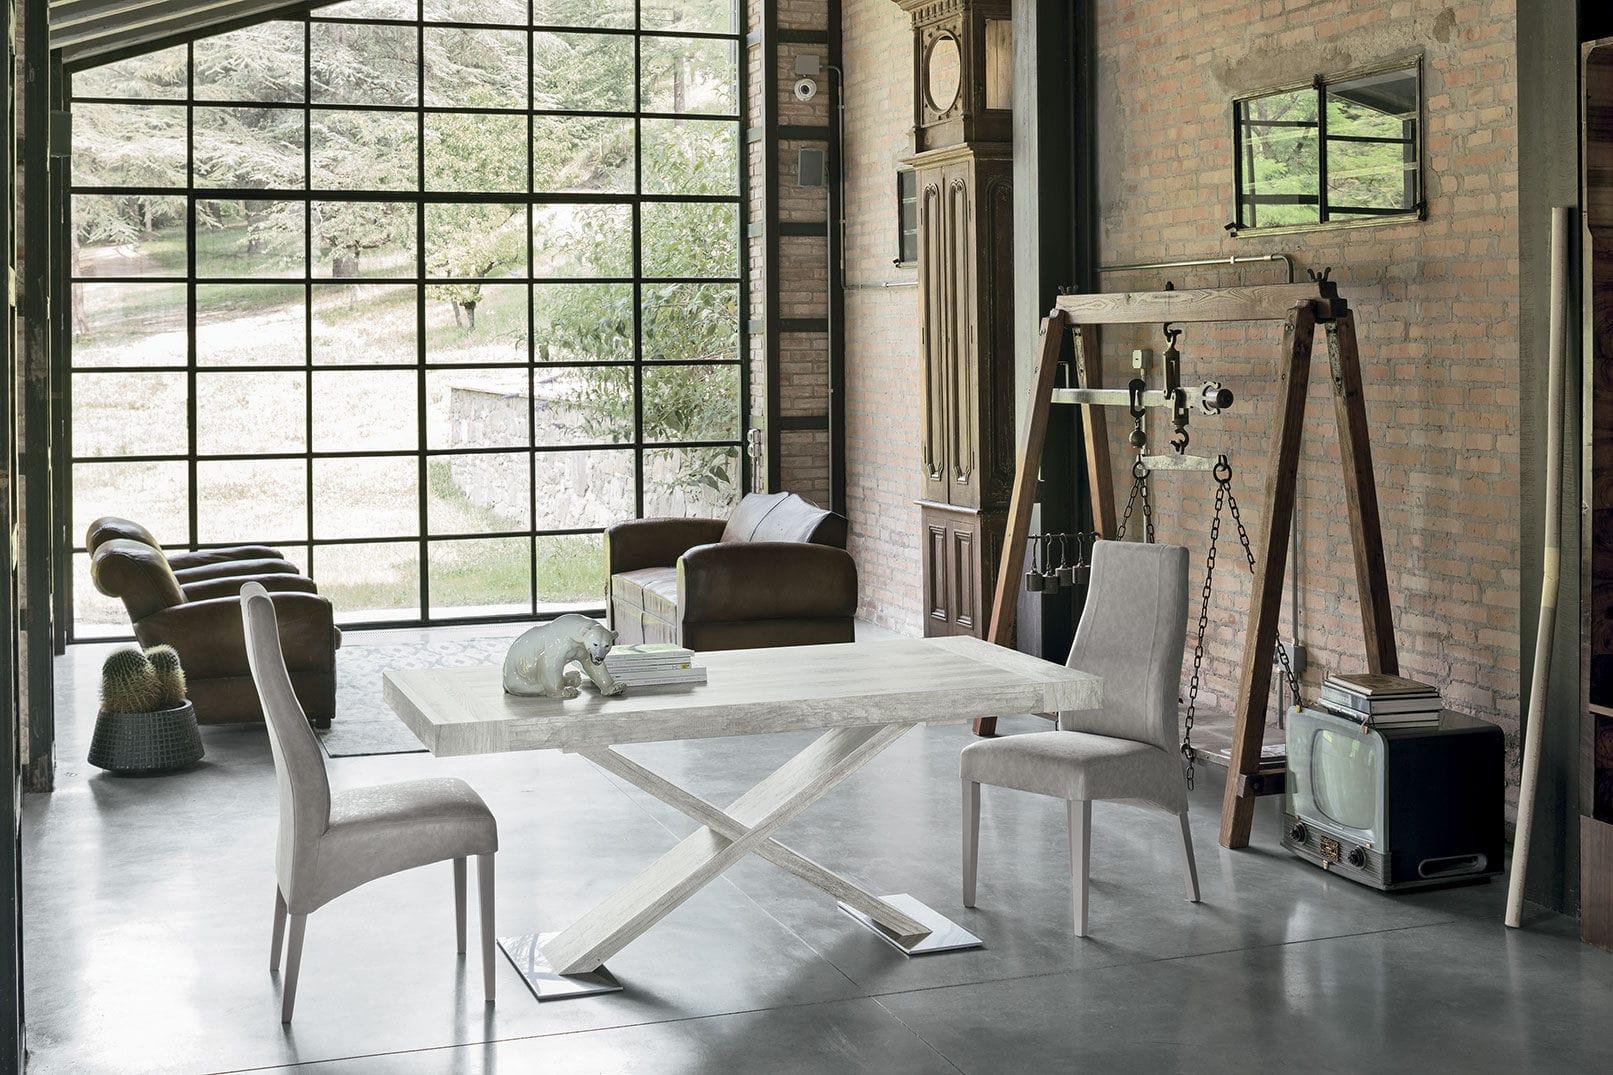 tavolo da pranzo design scandinavo / in laminato / rettangolare /  allungabile